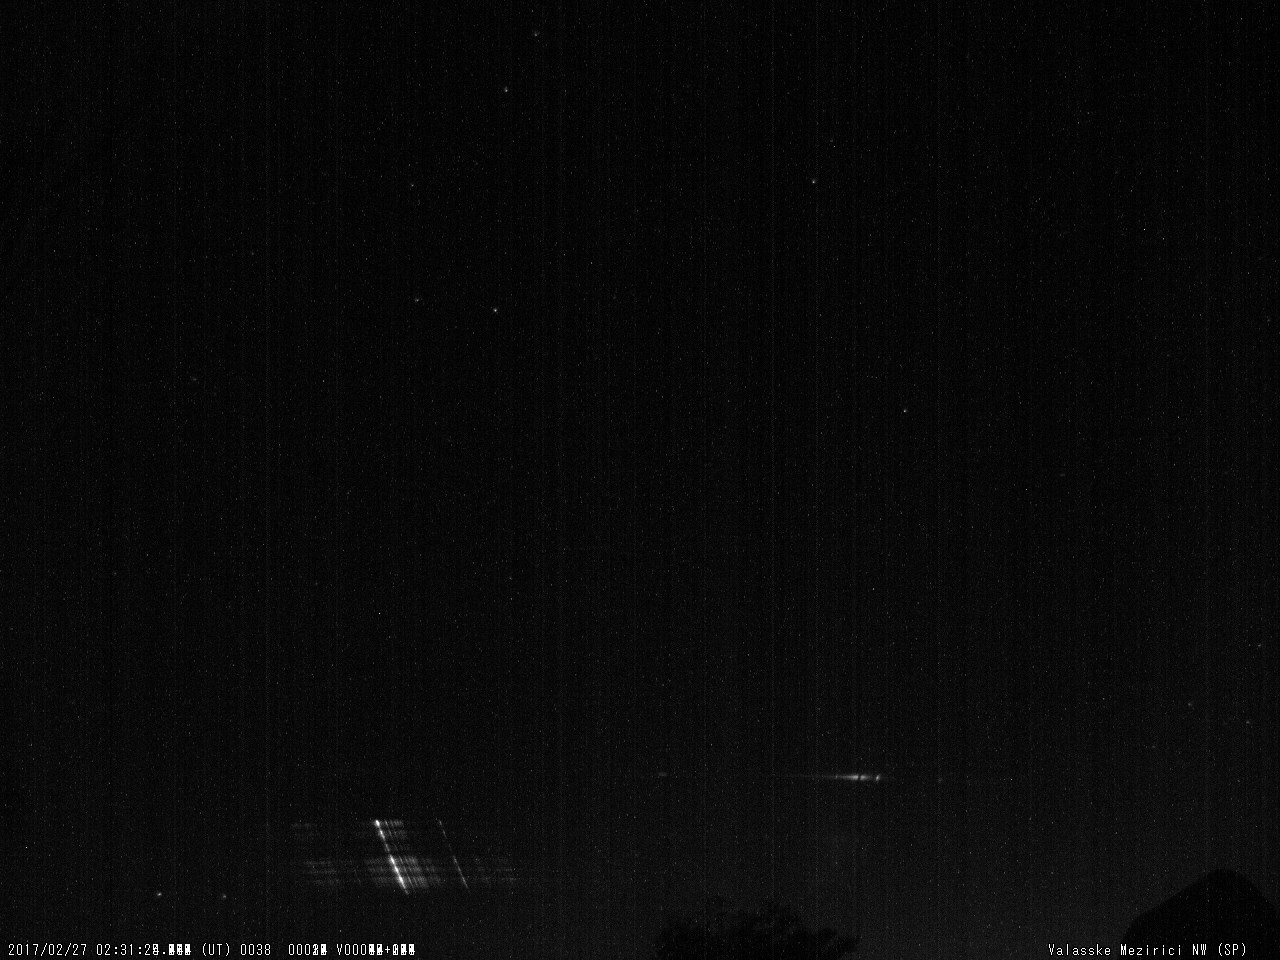 Fig. 10: Spectrum of bright meteor 20170227_023124, SPNW spectrograph. Author: Valašské Meziříčí Observatory